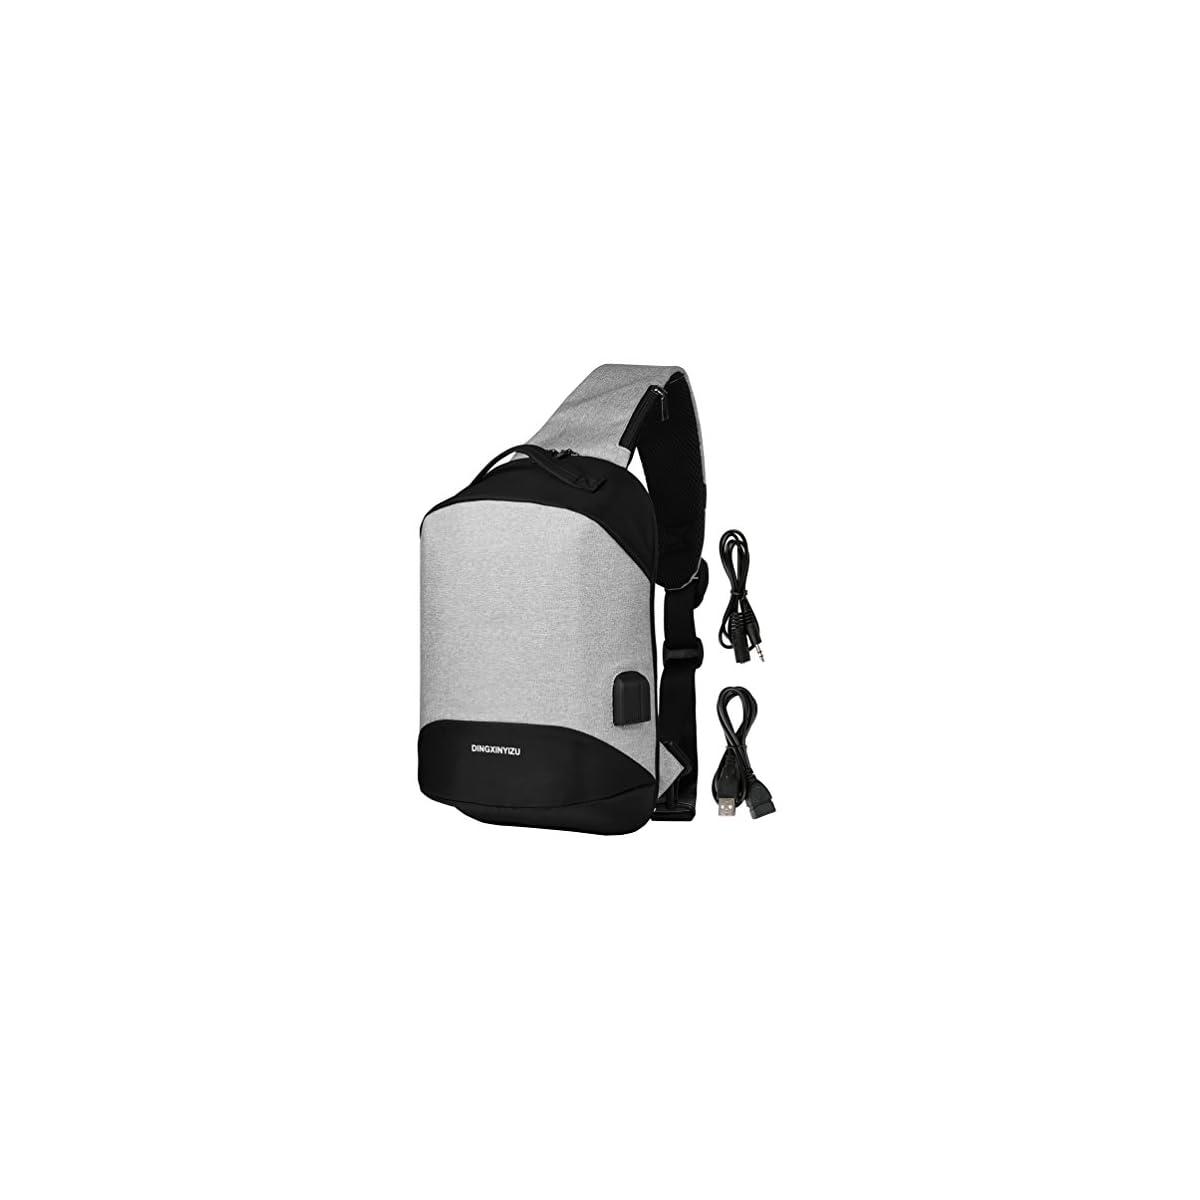 51ZlXLySNBL. SS1200  - Vbiger Bolso de Bandolera de Hombre, Bolso de Pecho de Moda, Bandolera Casual, Puerto de Audio y Puerto de Carga USB